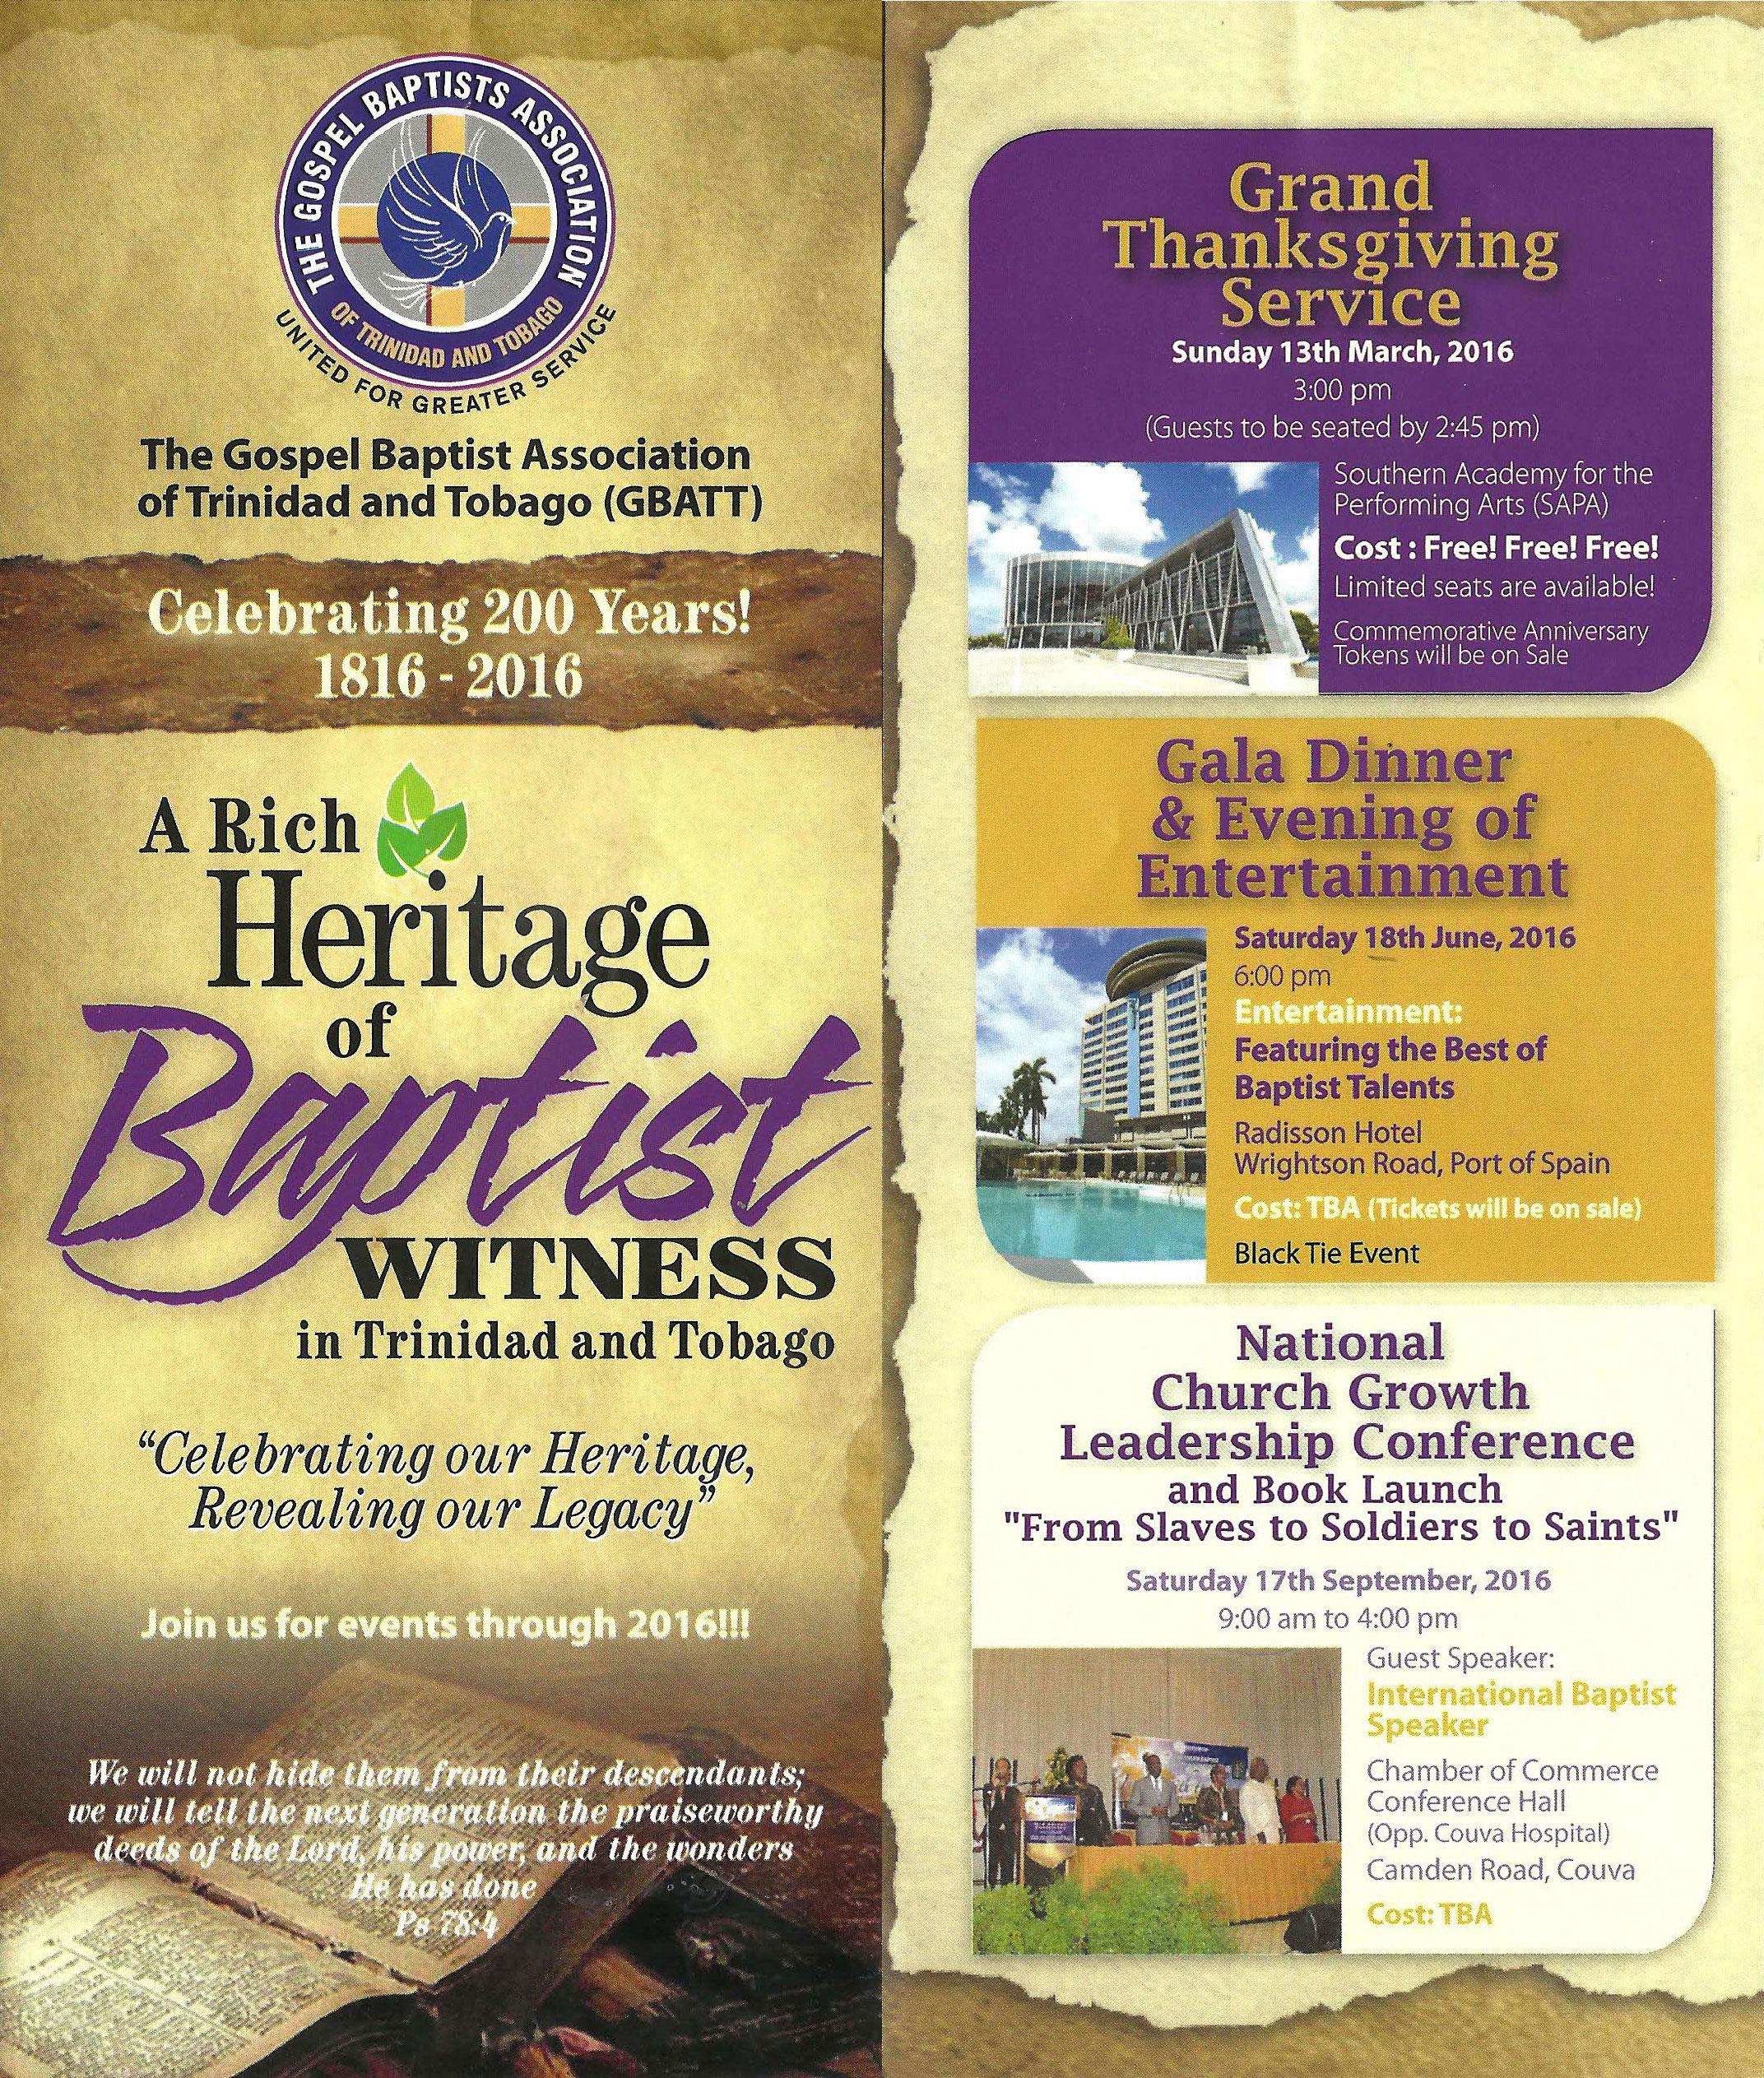 Baptist-bicentennial-Pg-1.jpg